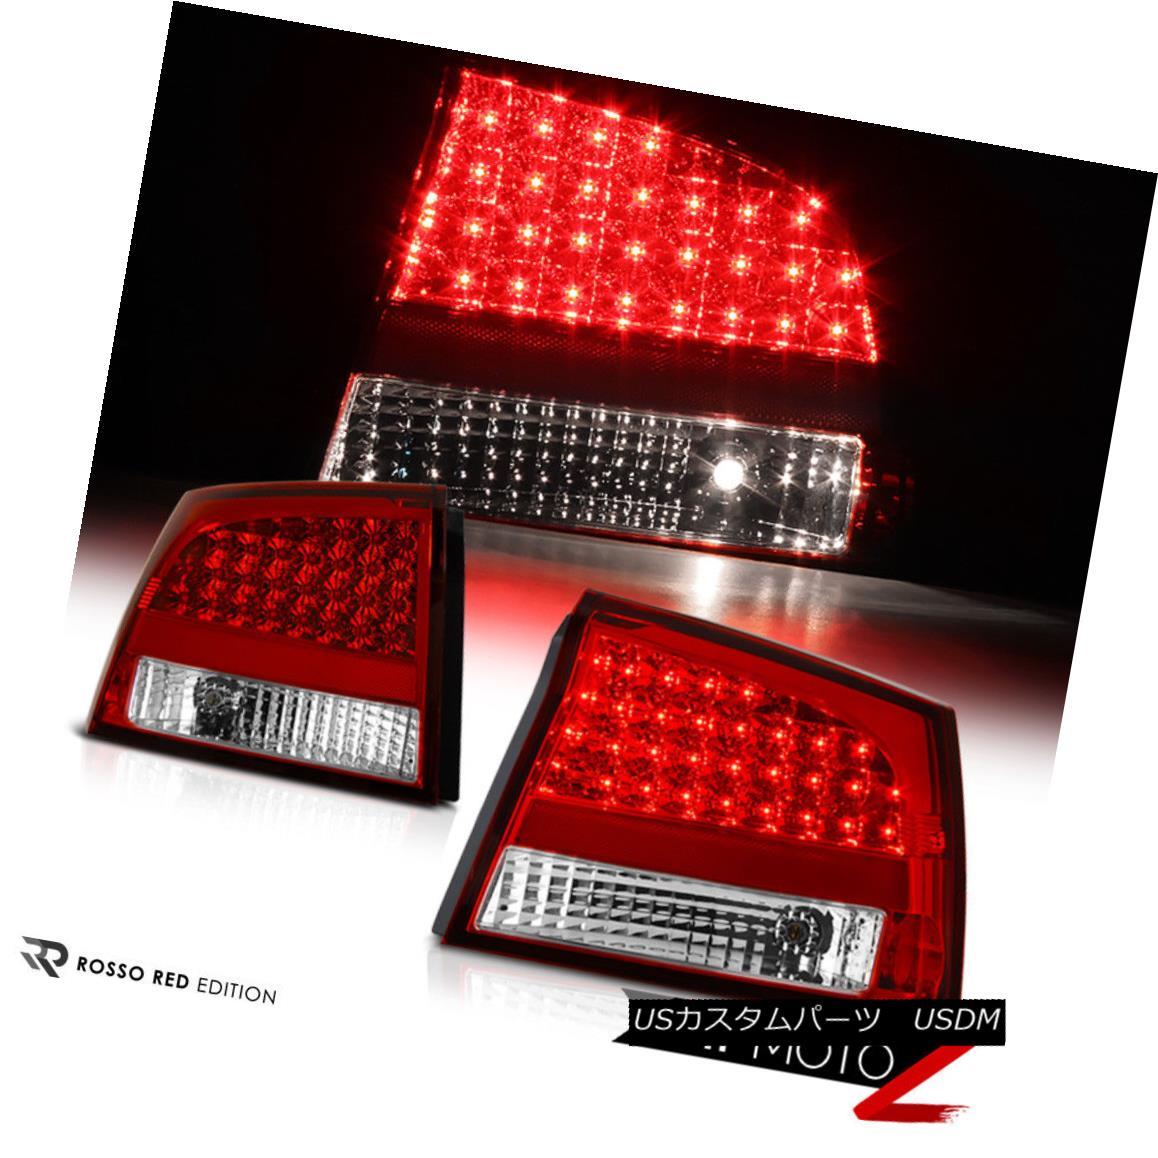 テールライト Dodge Charger 09-10 Red/Clear LED Brake Signal Tail Lamp Light LH+RH Replacement ダッジチャージャー09-10レッド/クリアLEDブレーキ信号テールランプライトLH + RH交換